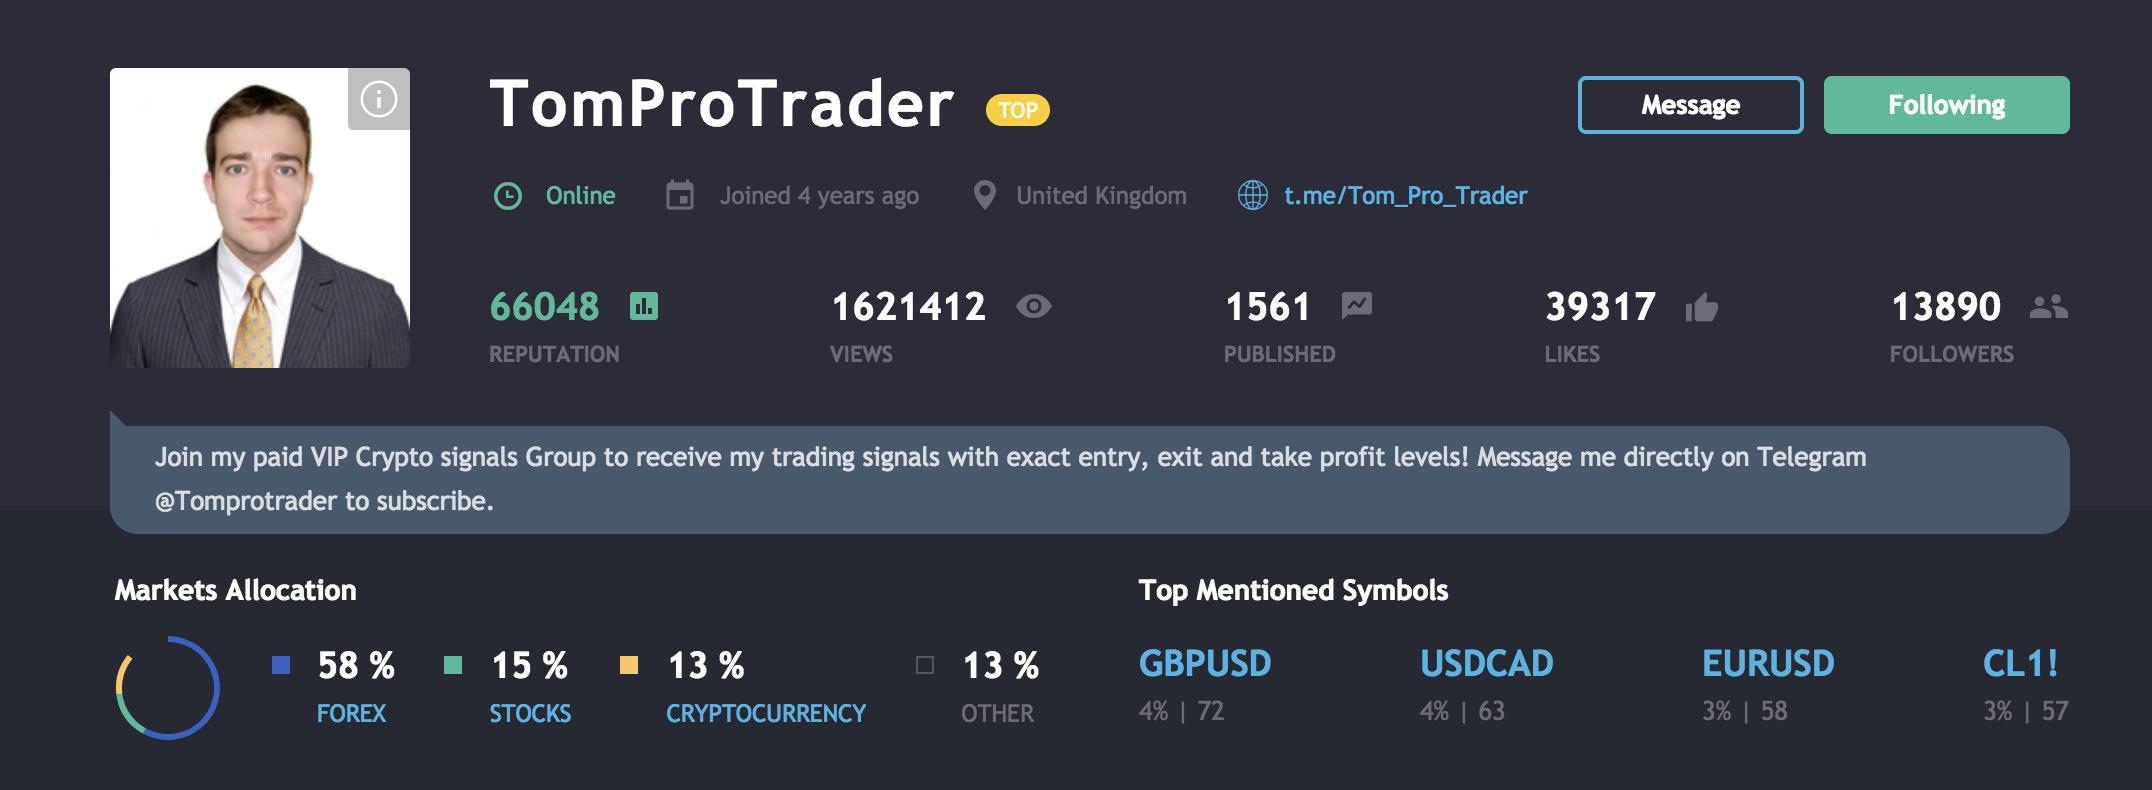 trader-traderviet-1.